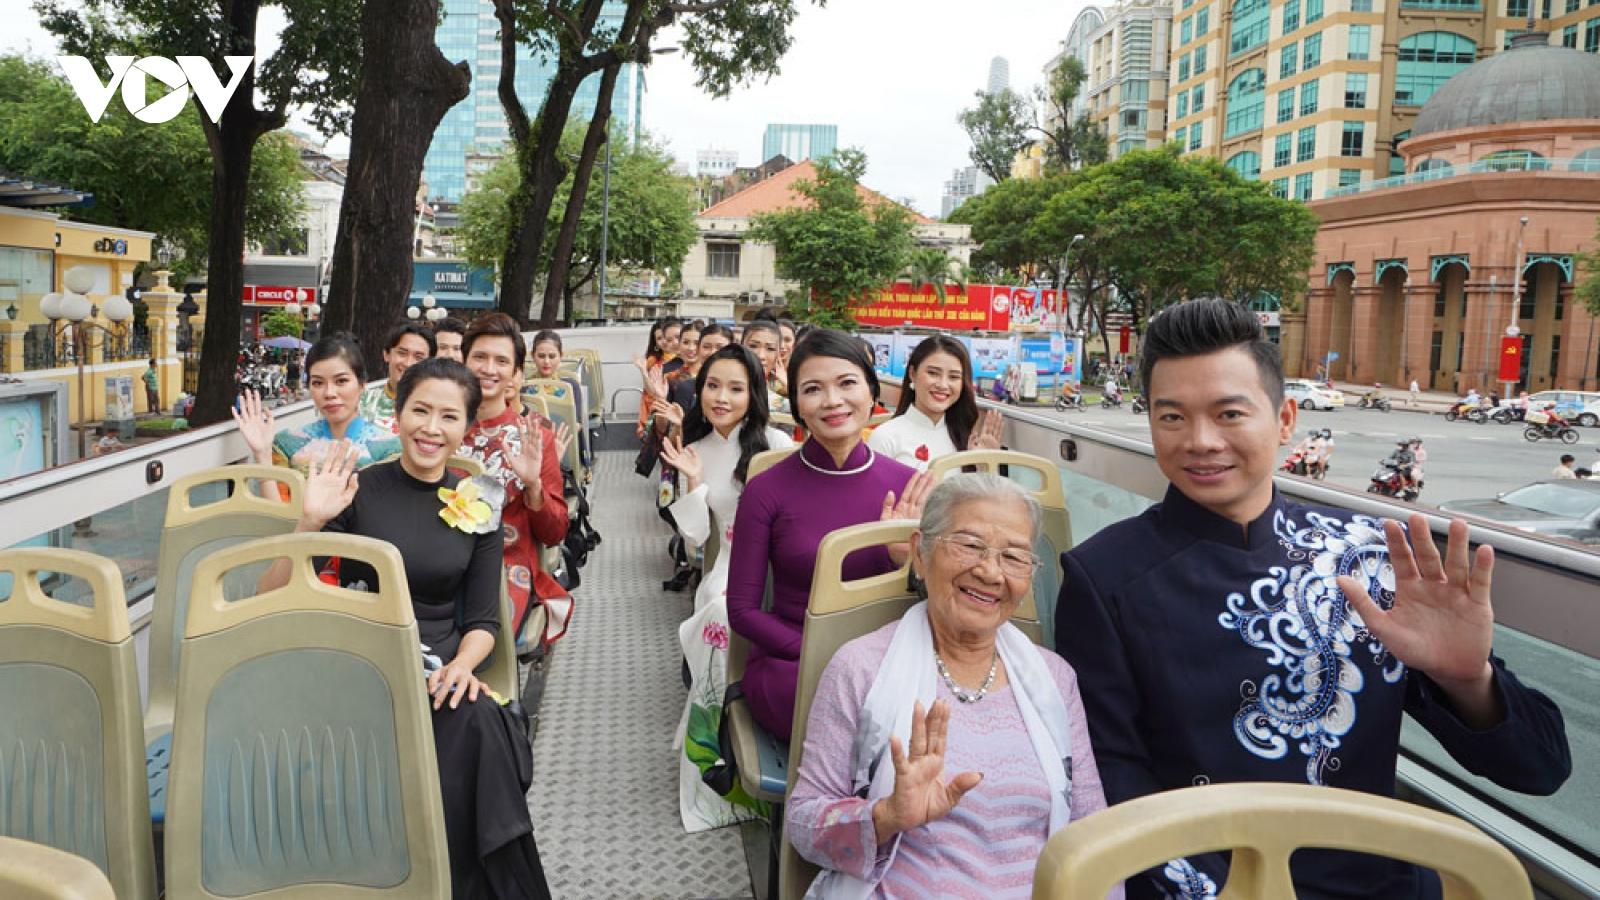 Du lịch TPHCM tìm hướng phục hồi dịp cuối năm